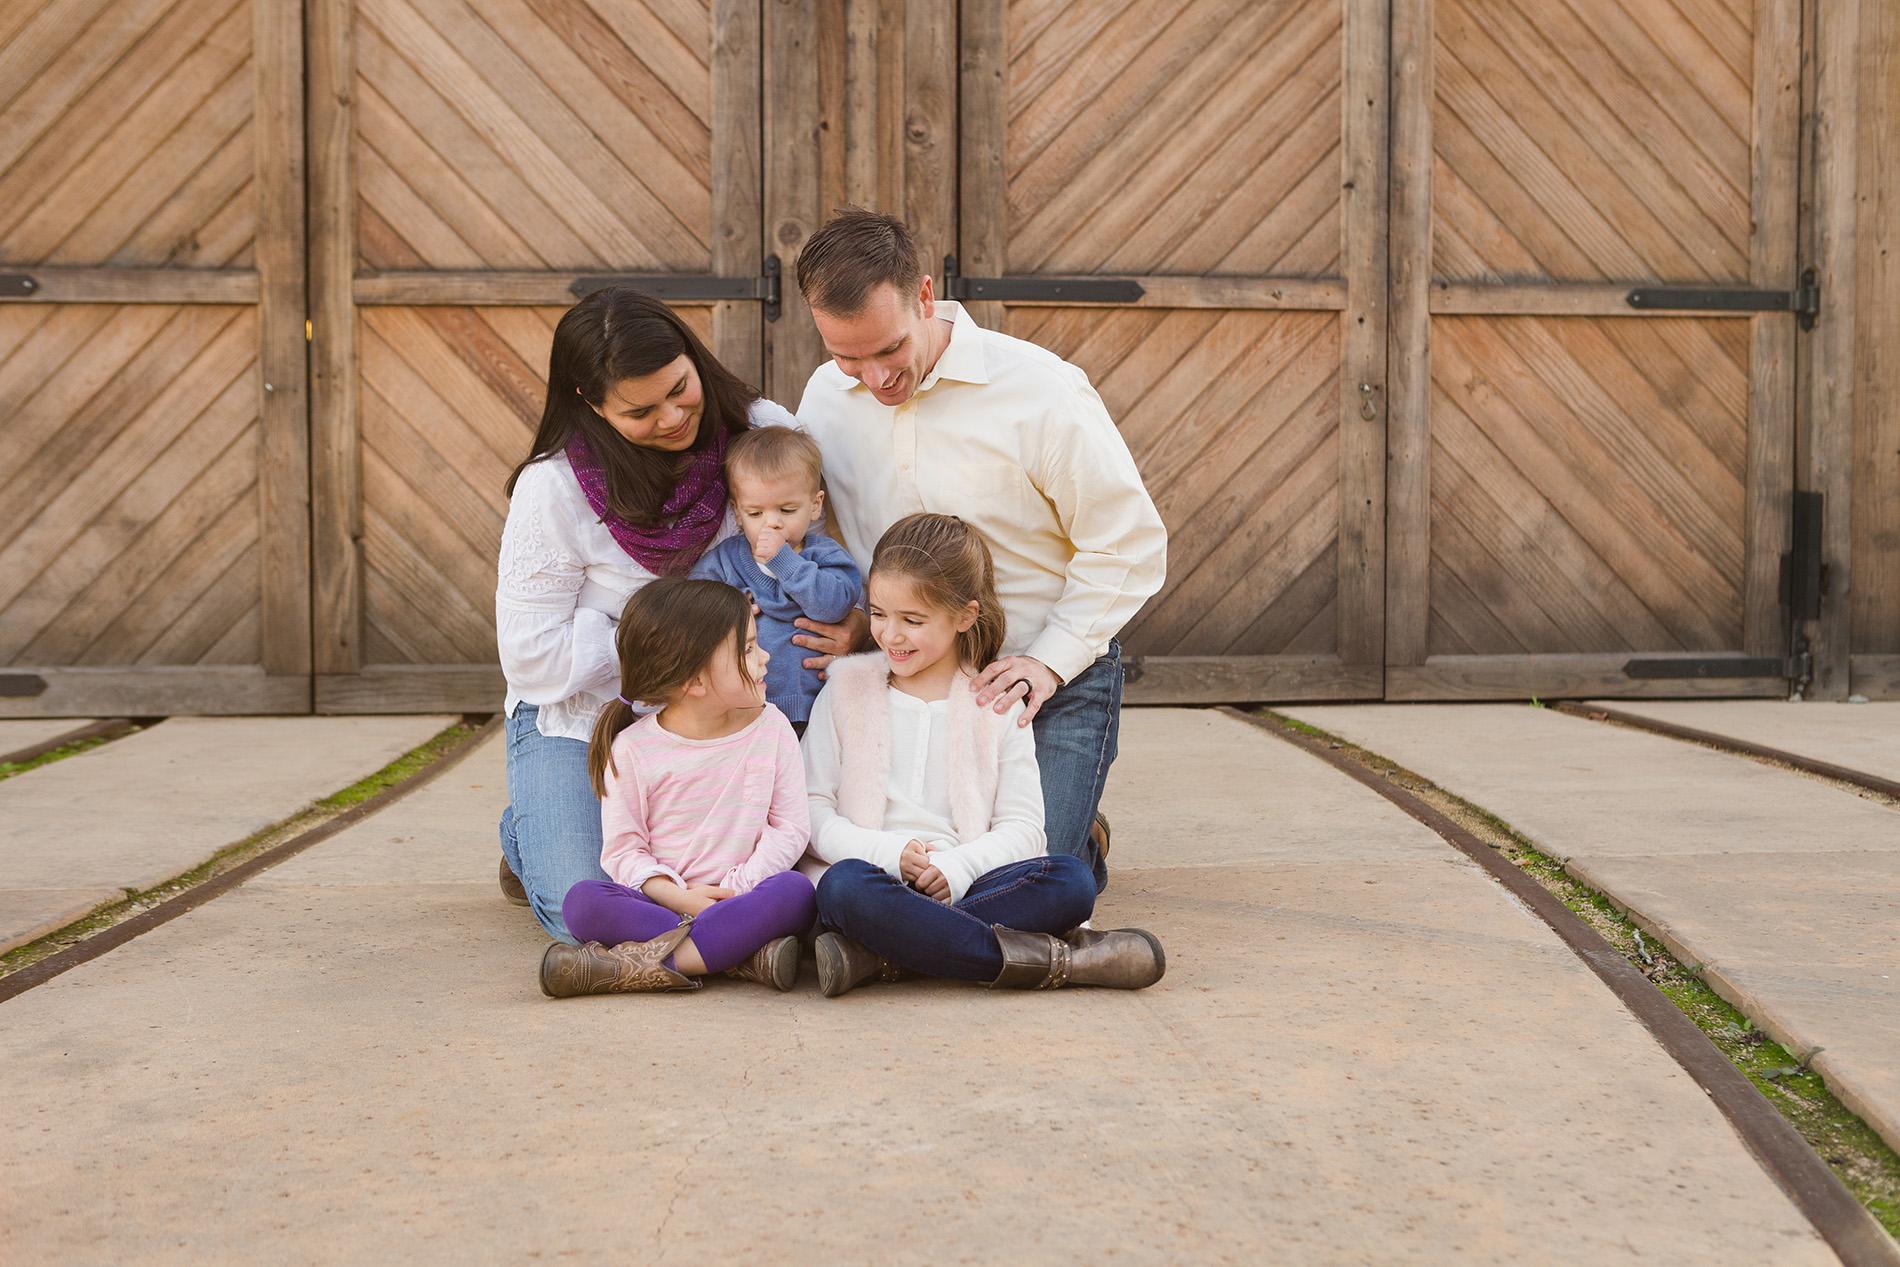 San Diego Family Photographer Christine Dammann Photography RF84